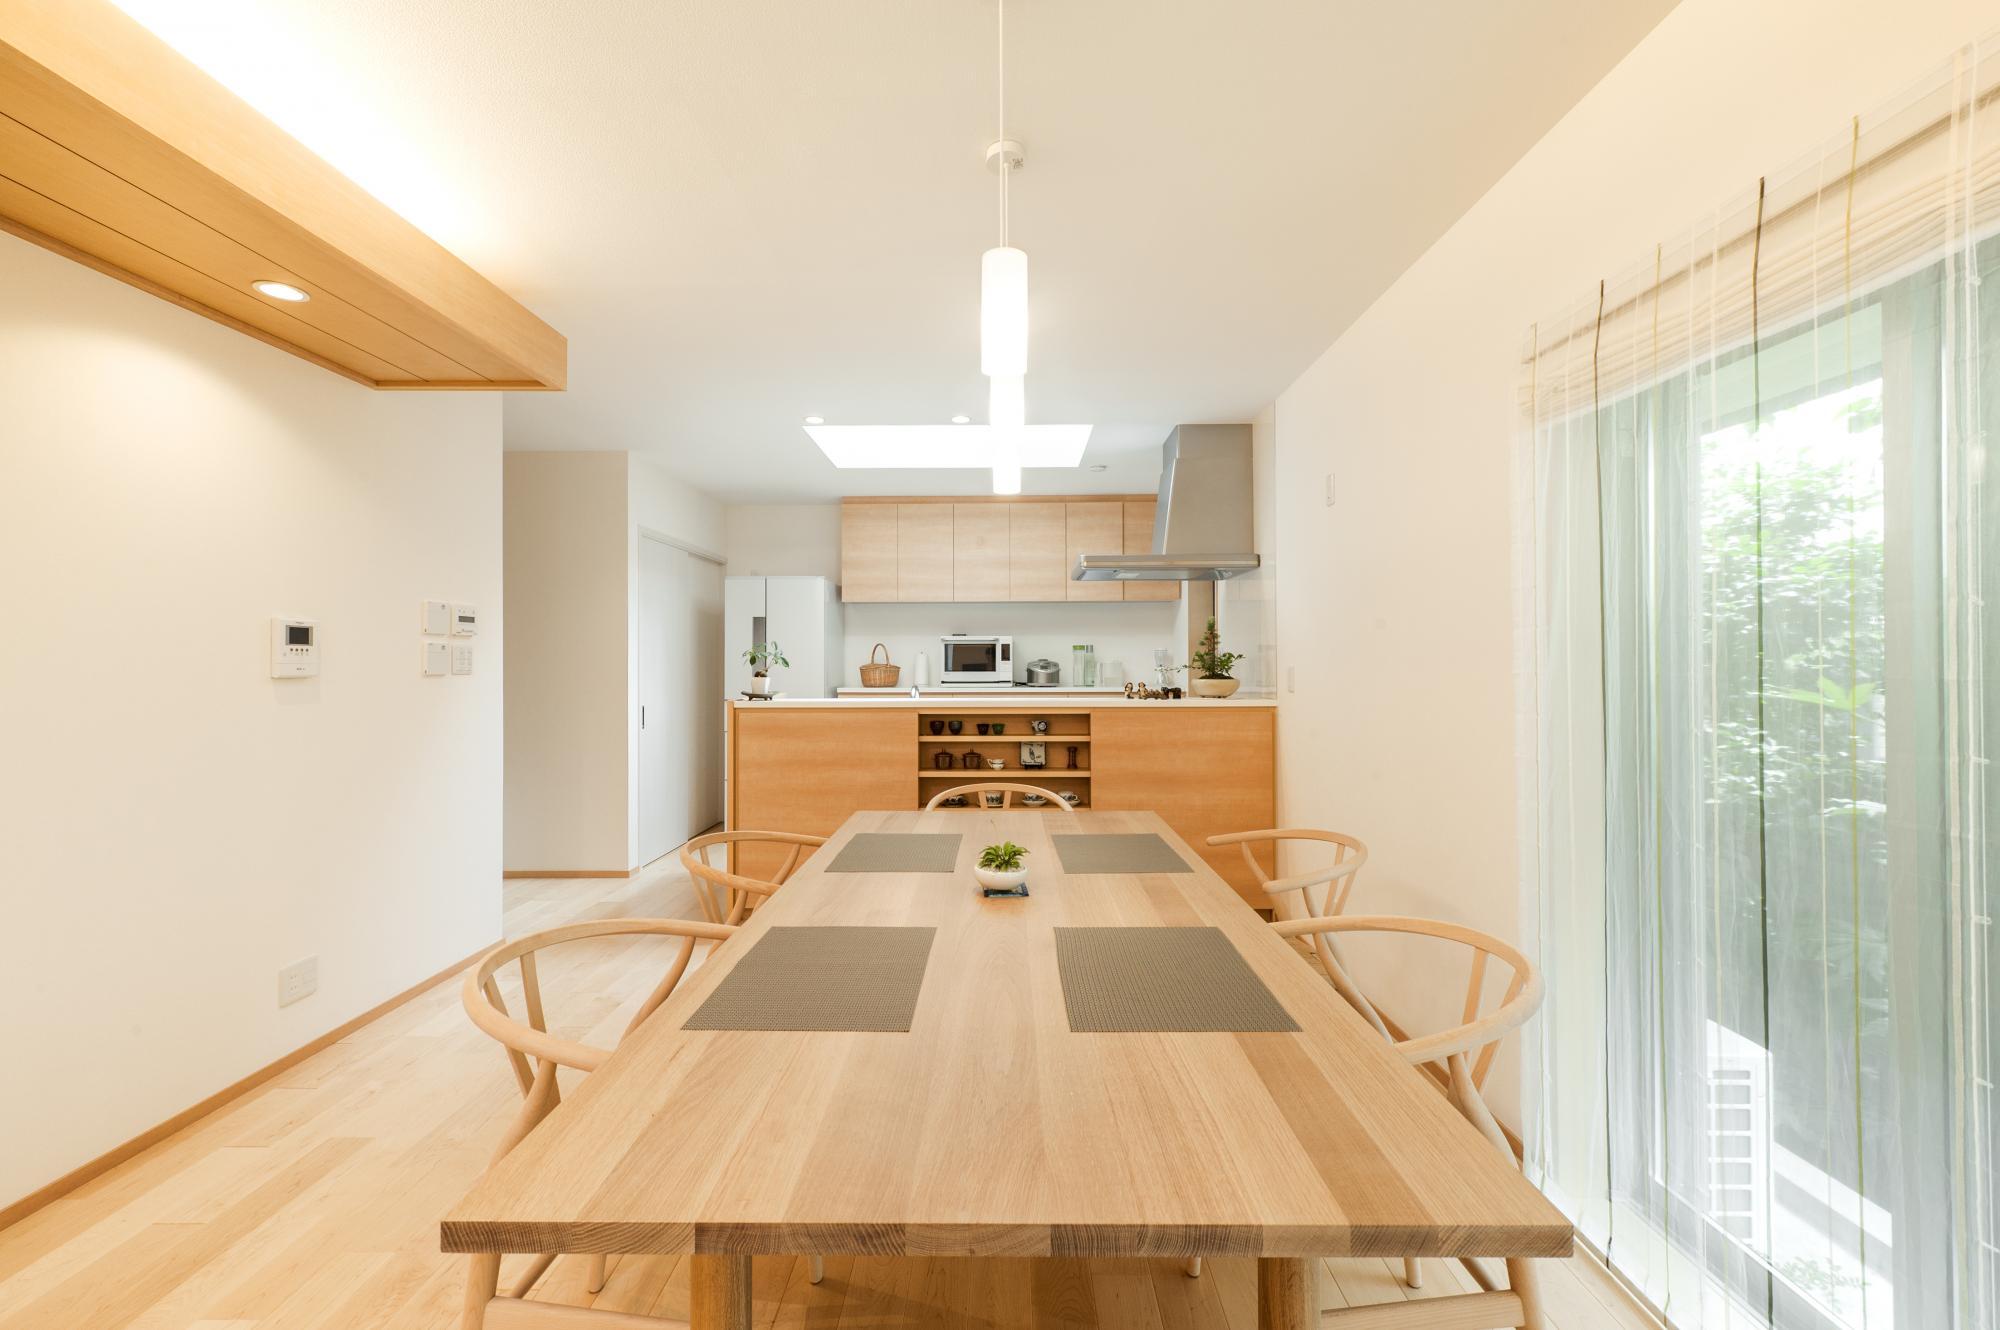 6人掛けの大きなダイニングテーブルがゆったり置けるスペースを確保。キッチンは対面式で吊り戸棚をなくし、空間に広がりを感じられるようにした。